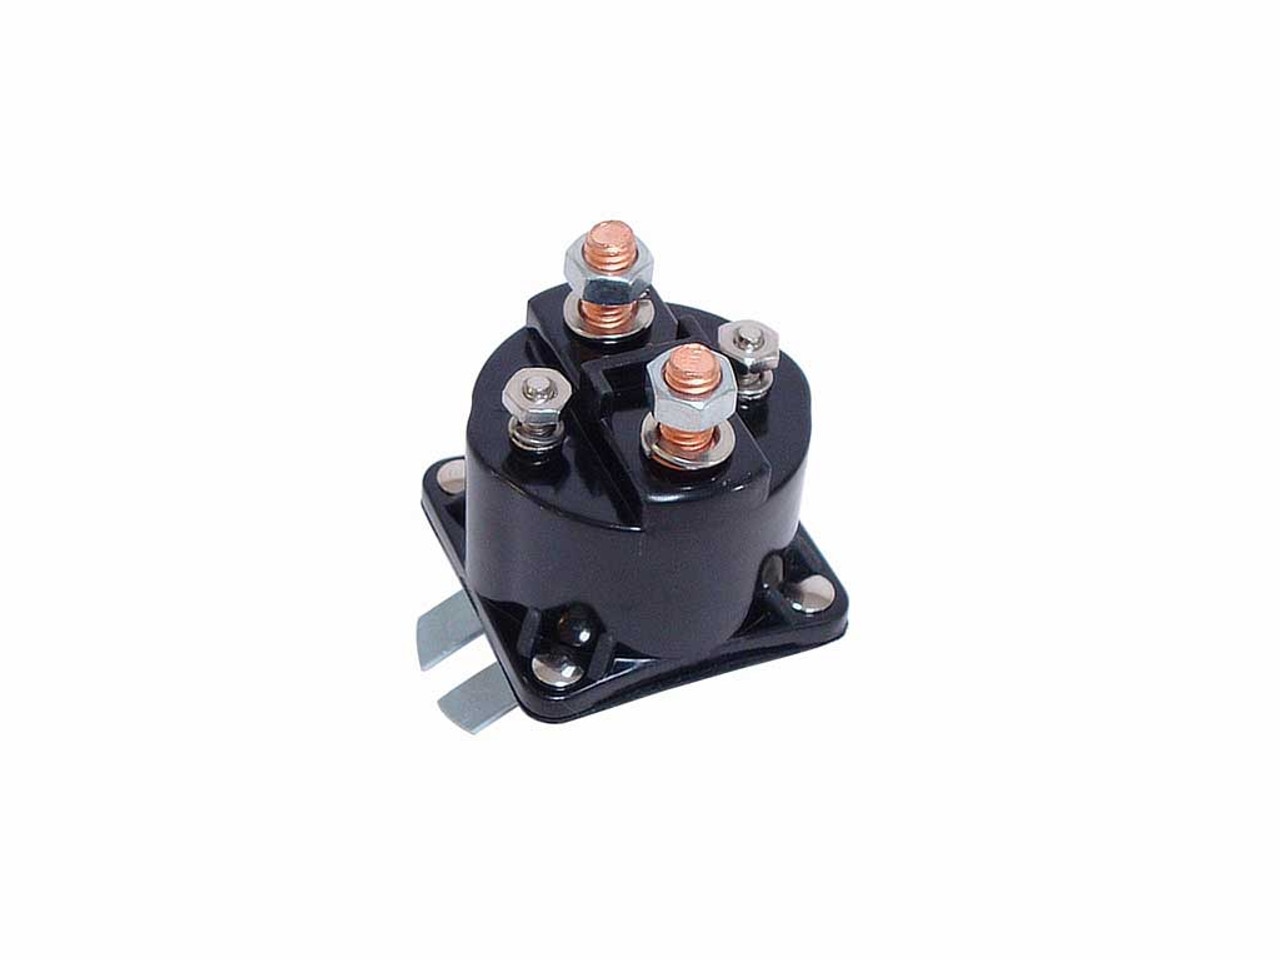 12v solenoid wiring ford 391 data wiring diagrams rh 19 deir treatymonitoring de